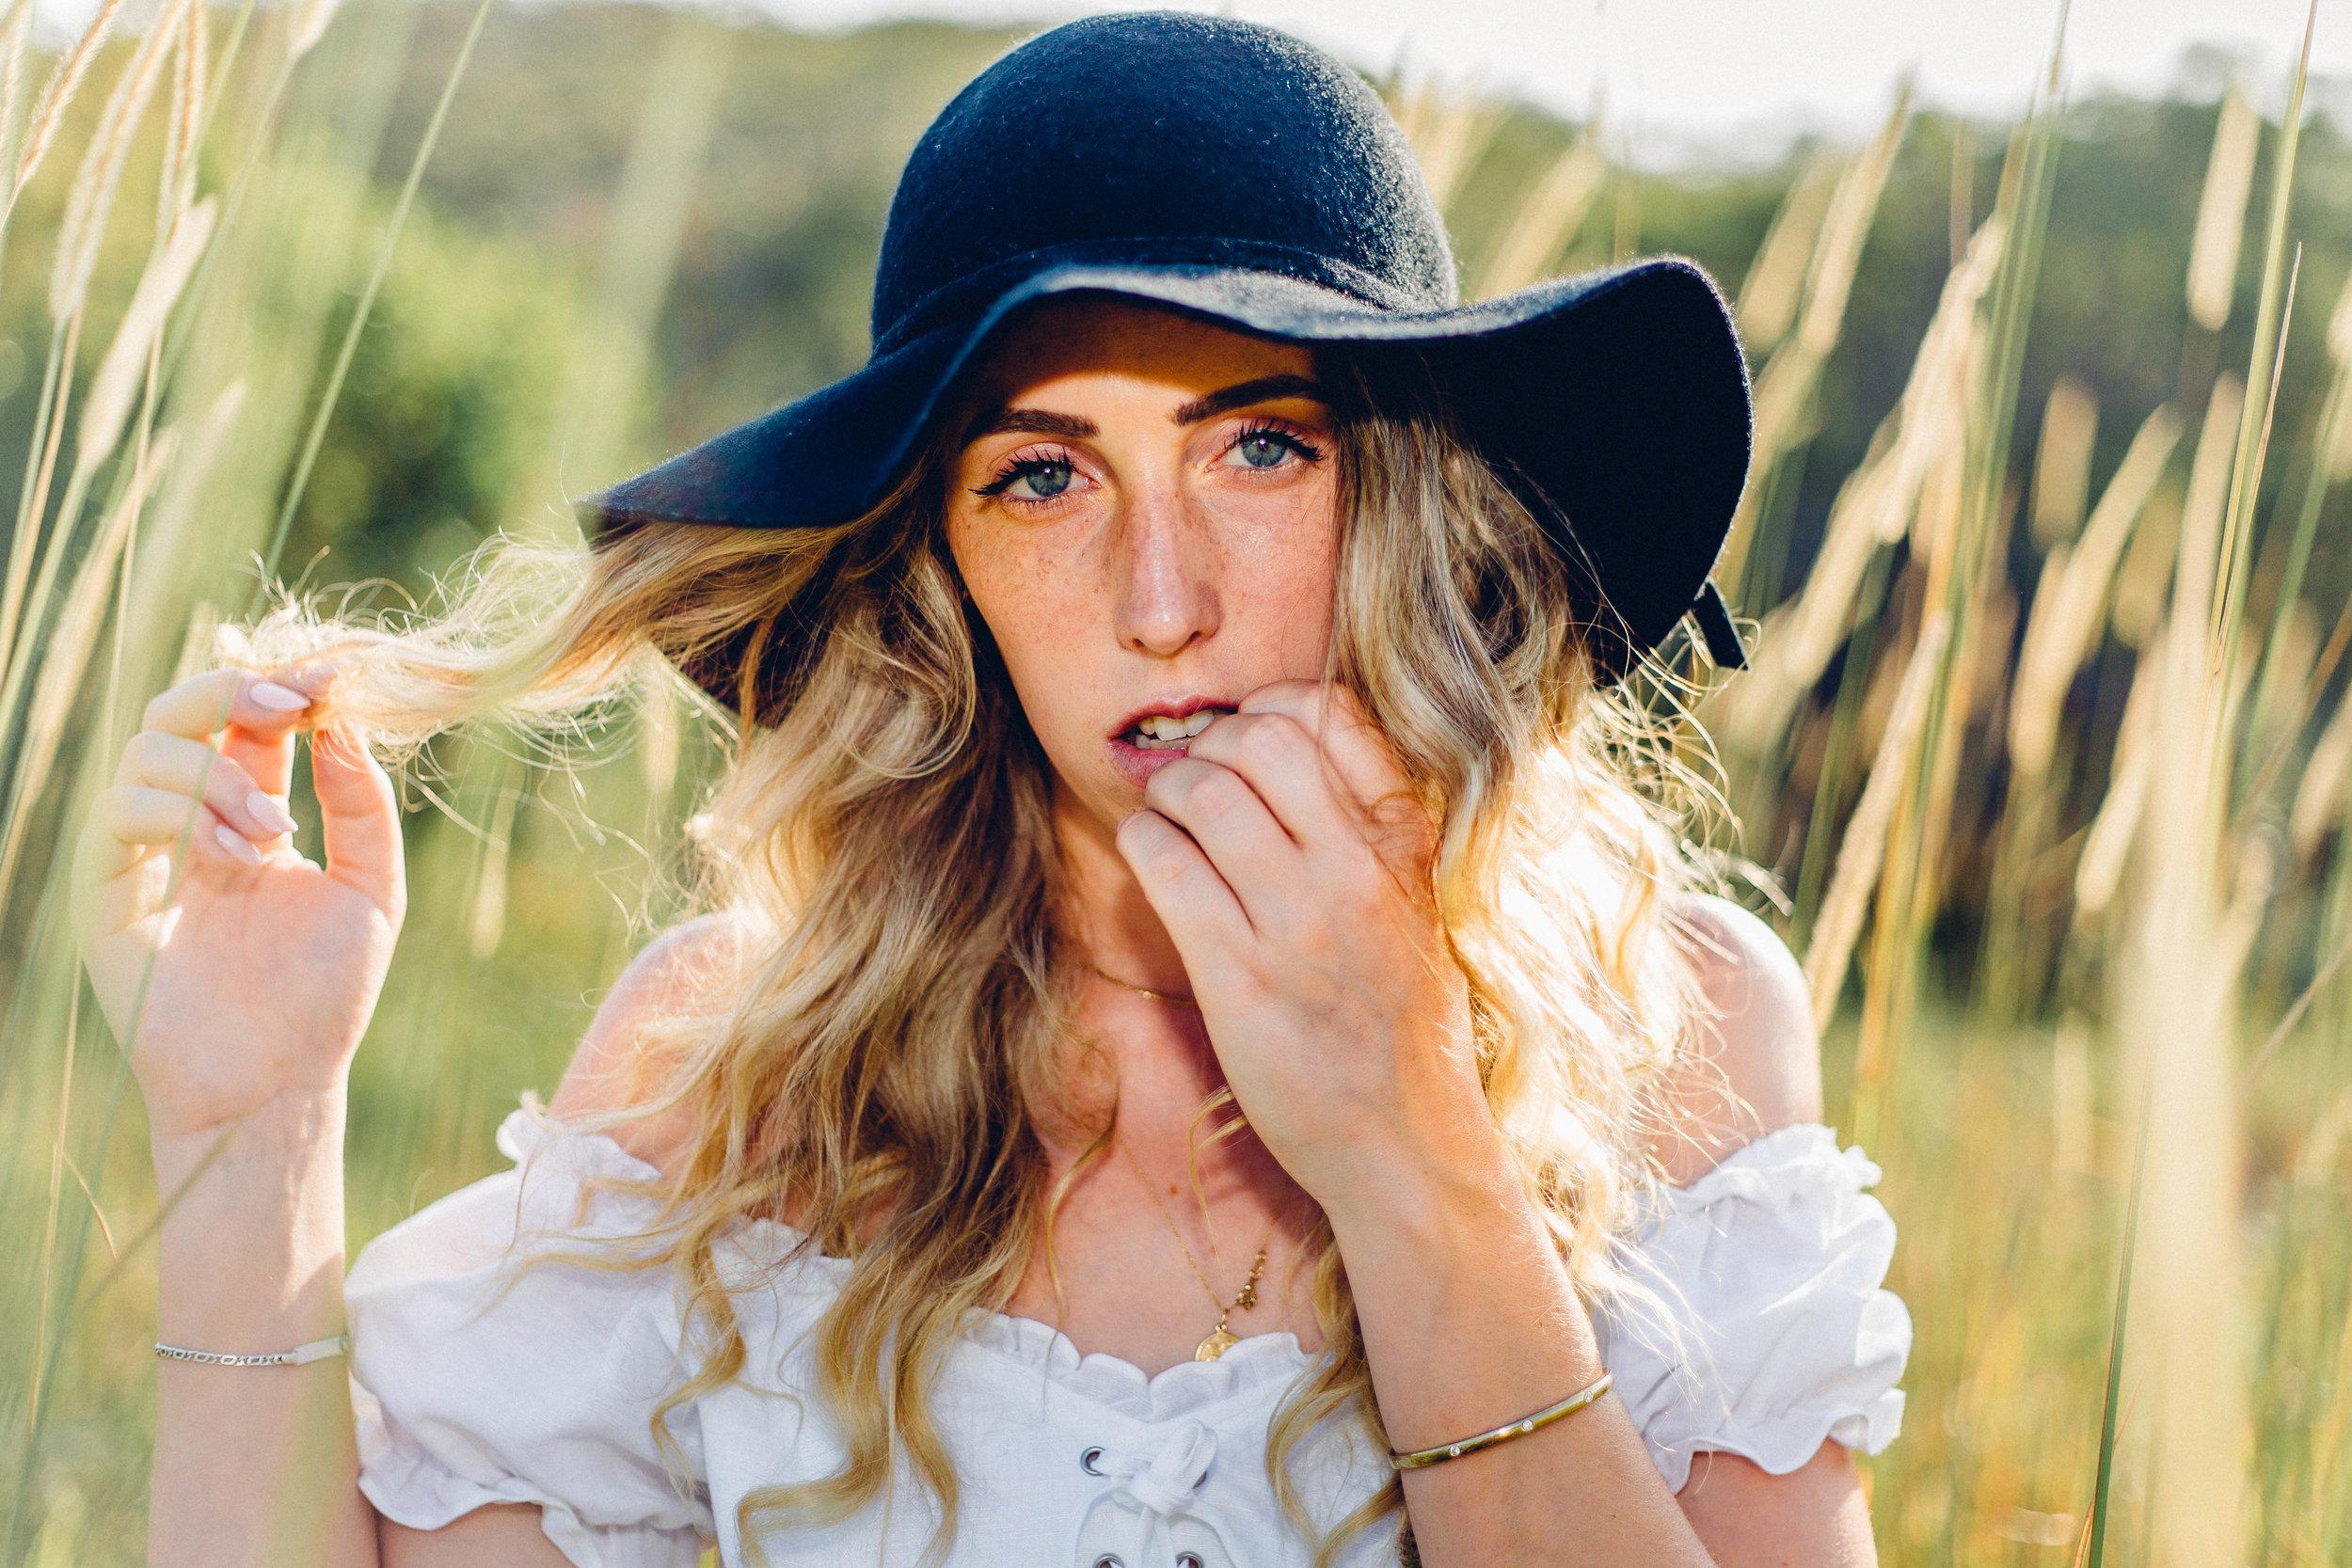 Lachlan-Jordan-Photography-6161.jpg